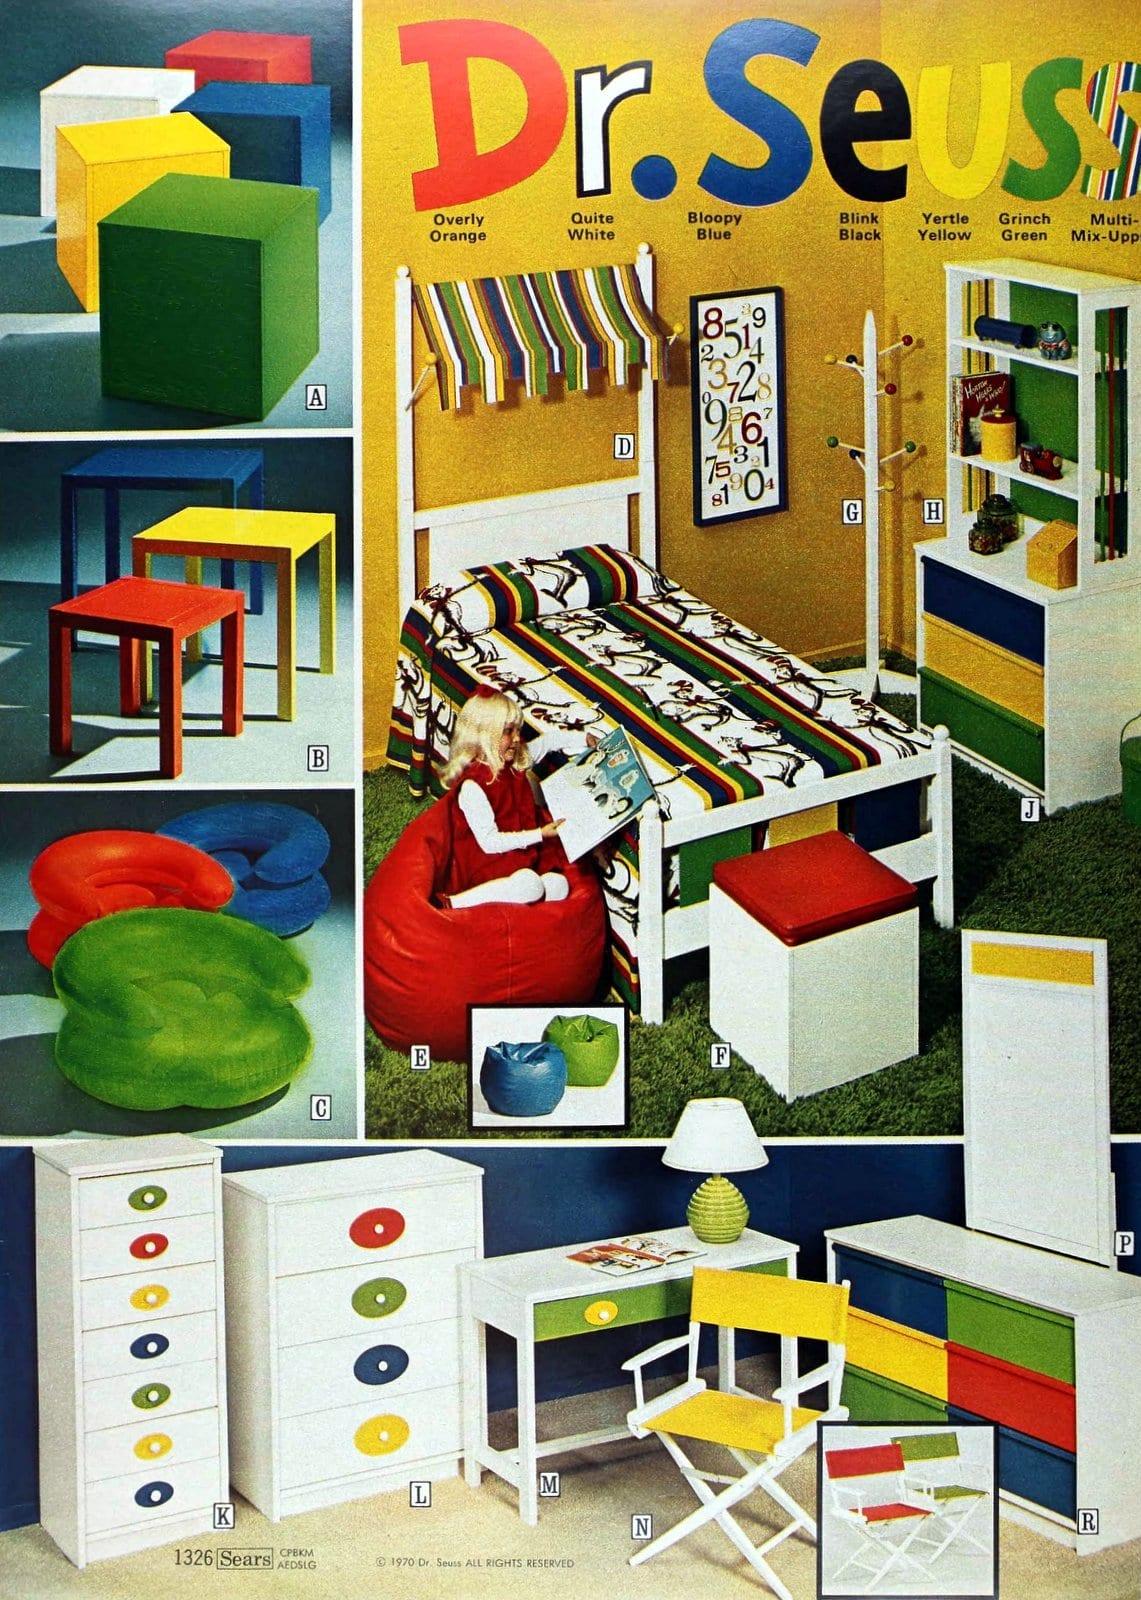 Vintage Dr Seuss bedroom furniture for kids (1971)